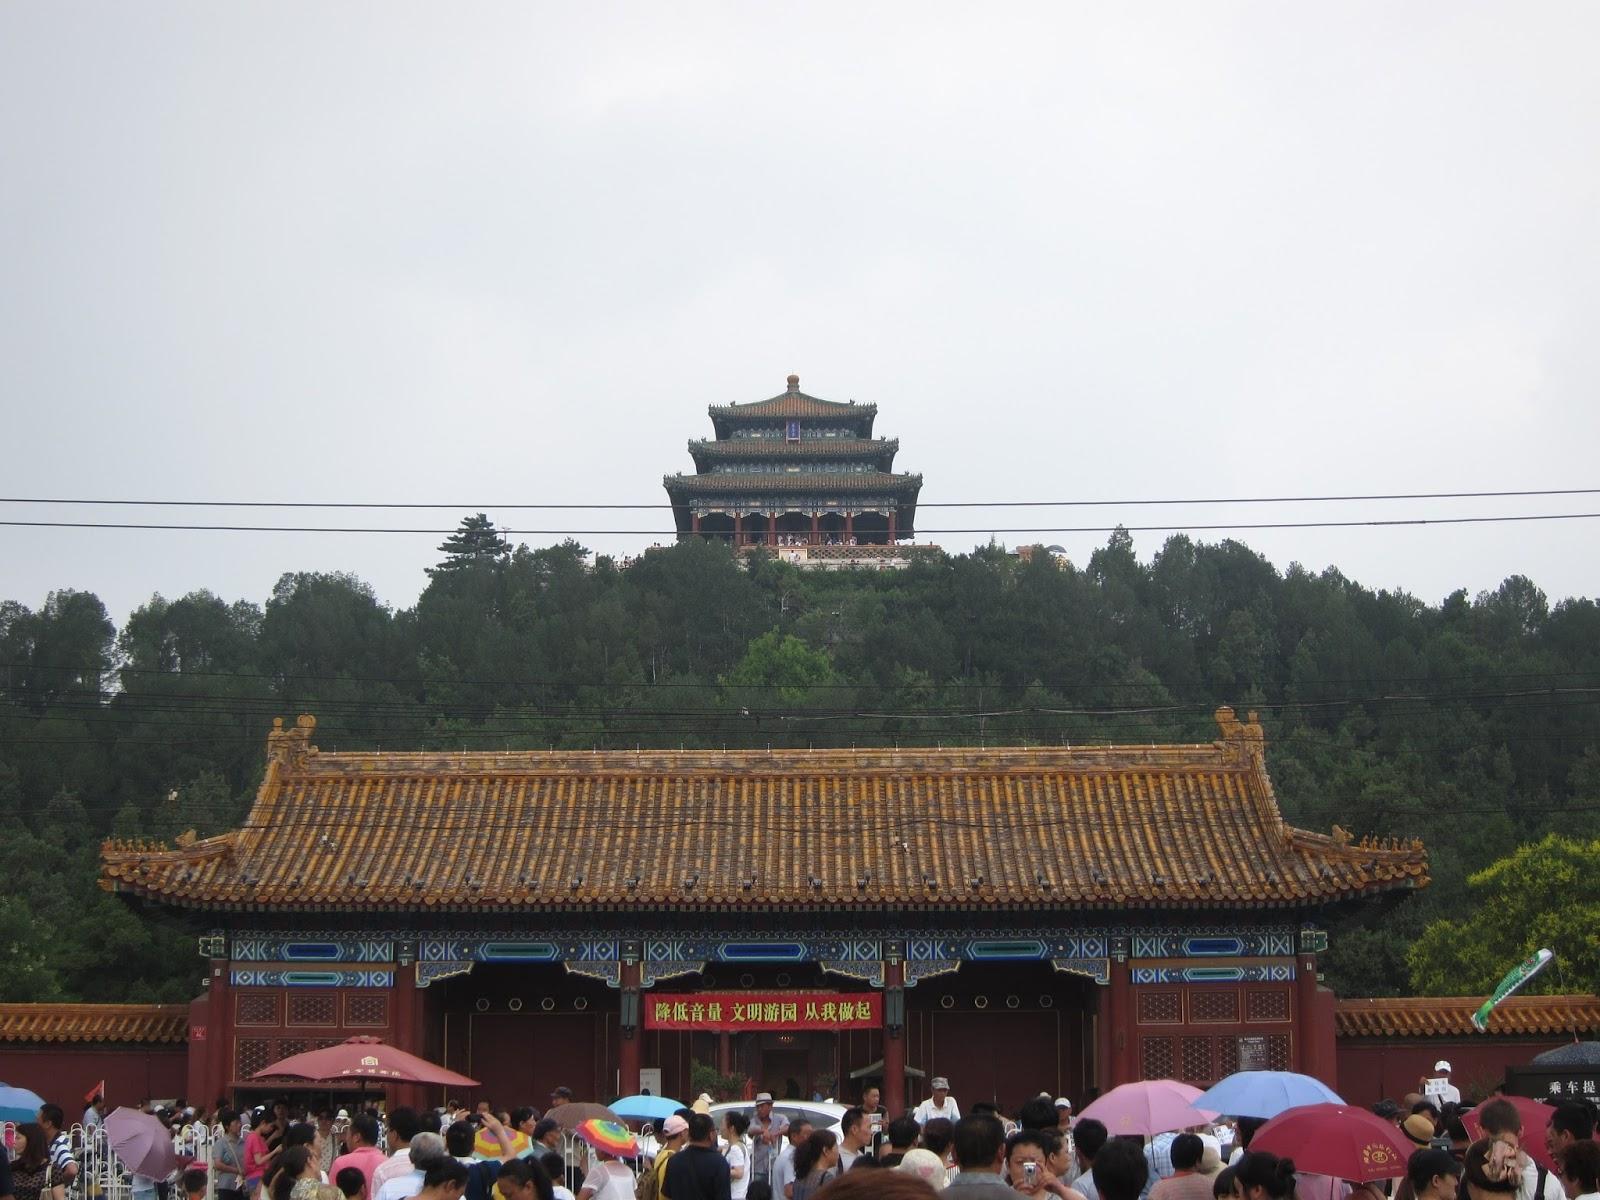 無腦遊記: 北京 Beijing (12 to 14-Aug-2013)